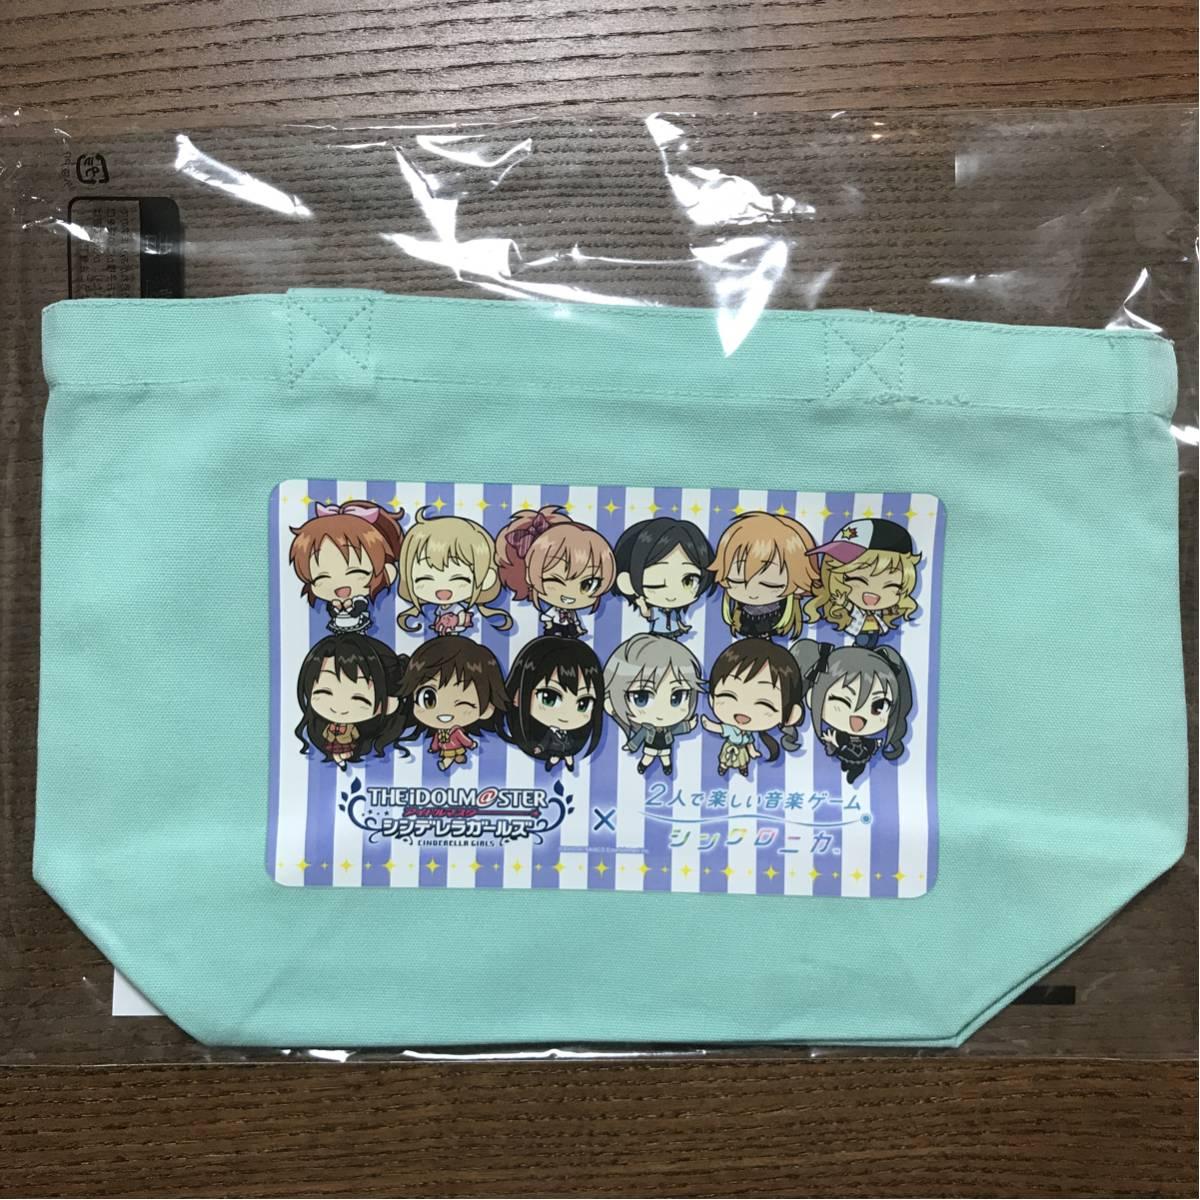 シンデレラガールズ ☆プレミア☆ トートバック ディズニーグッズの画像